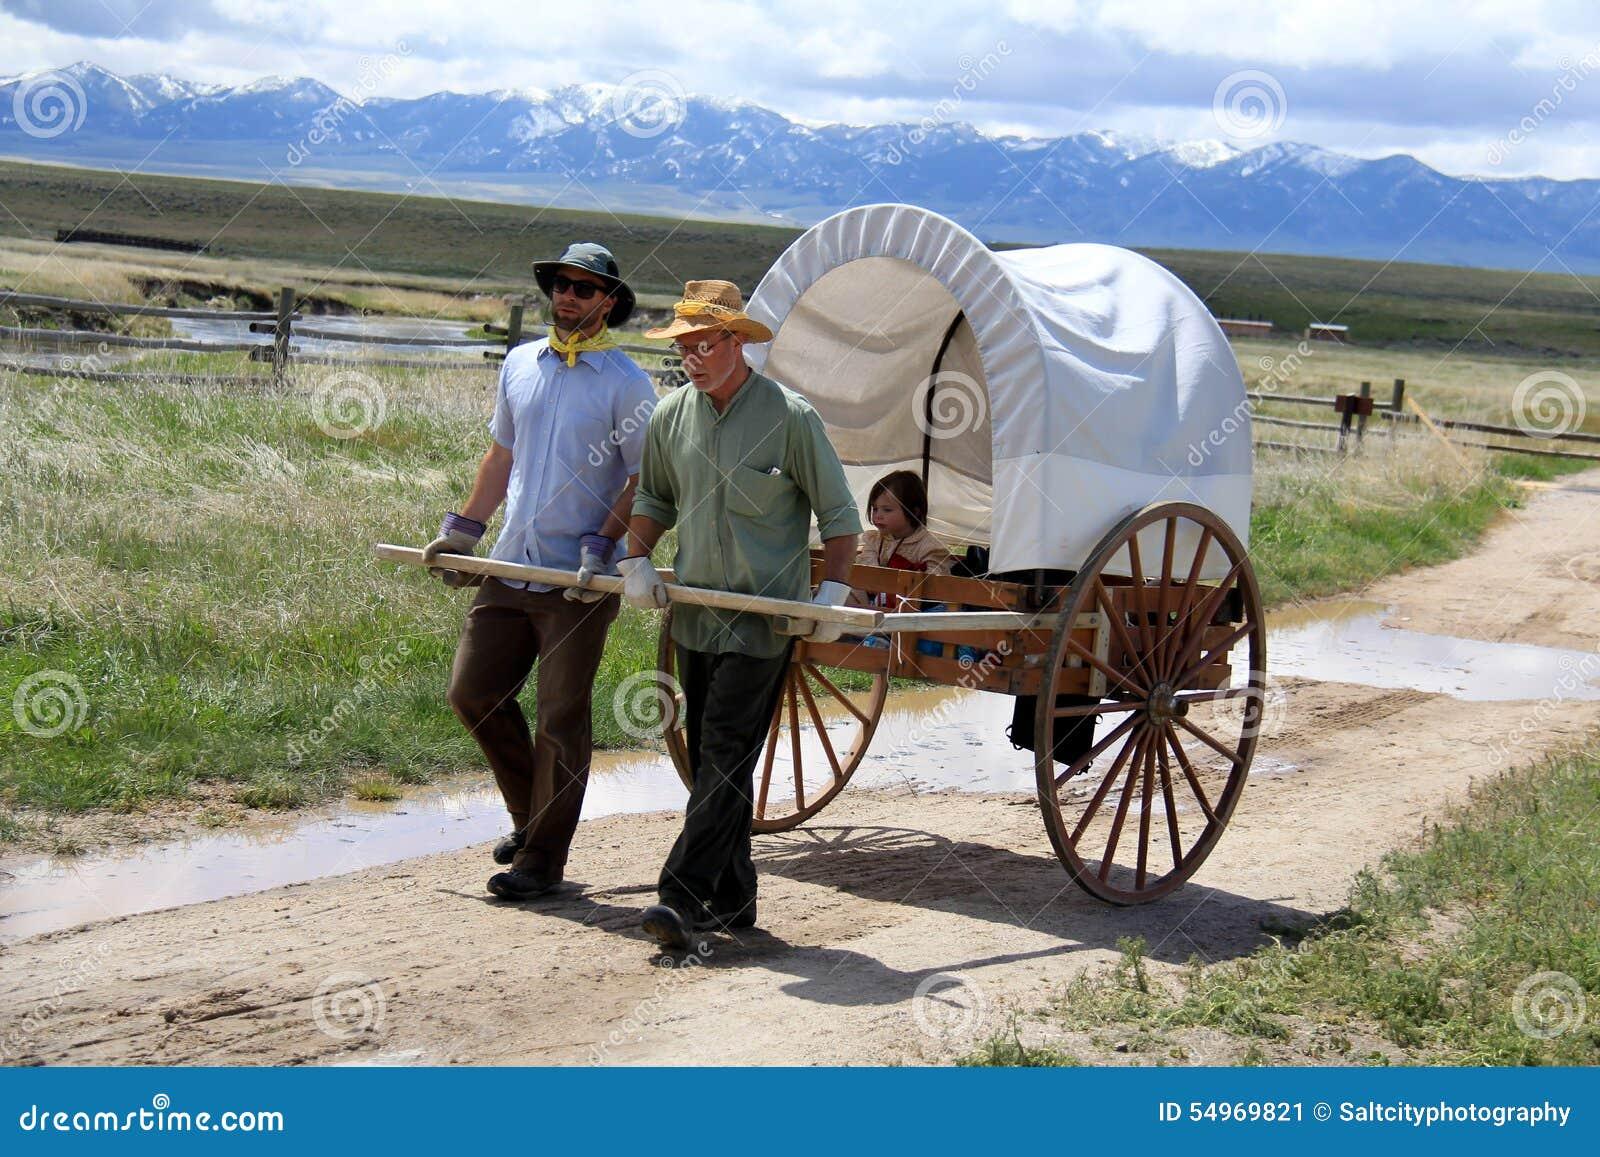 mormon pioneer handcart trek stock image